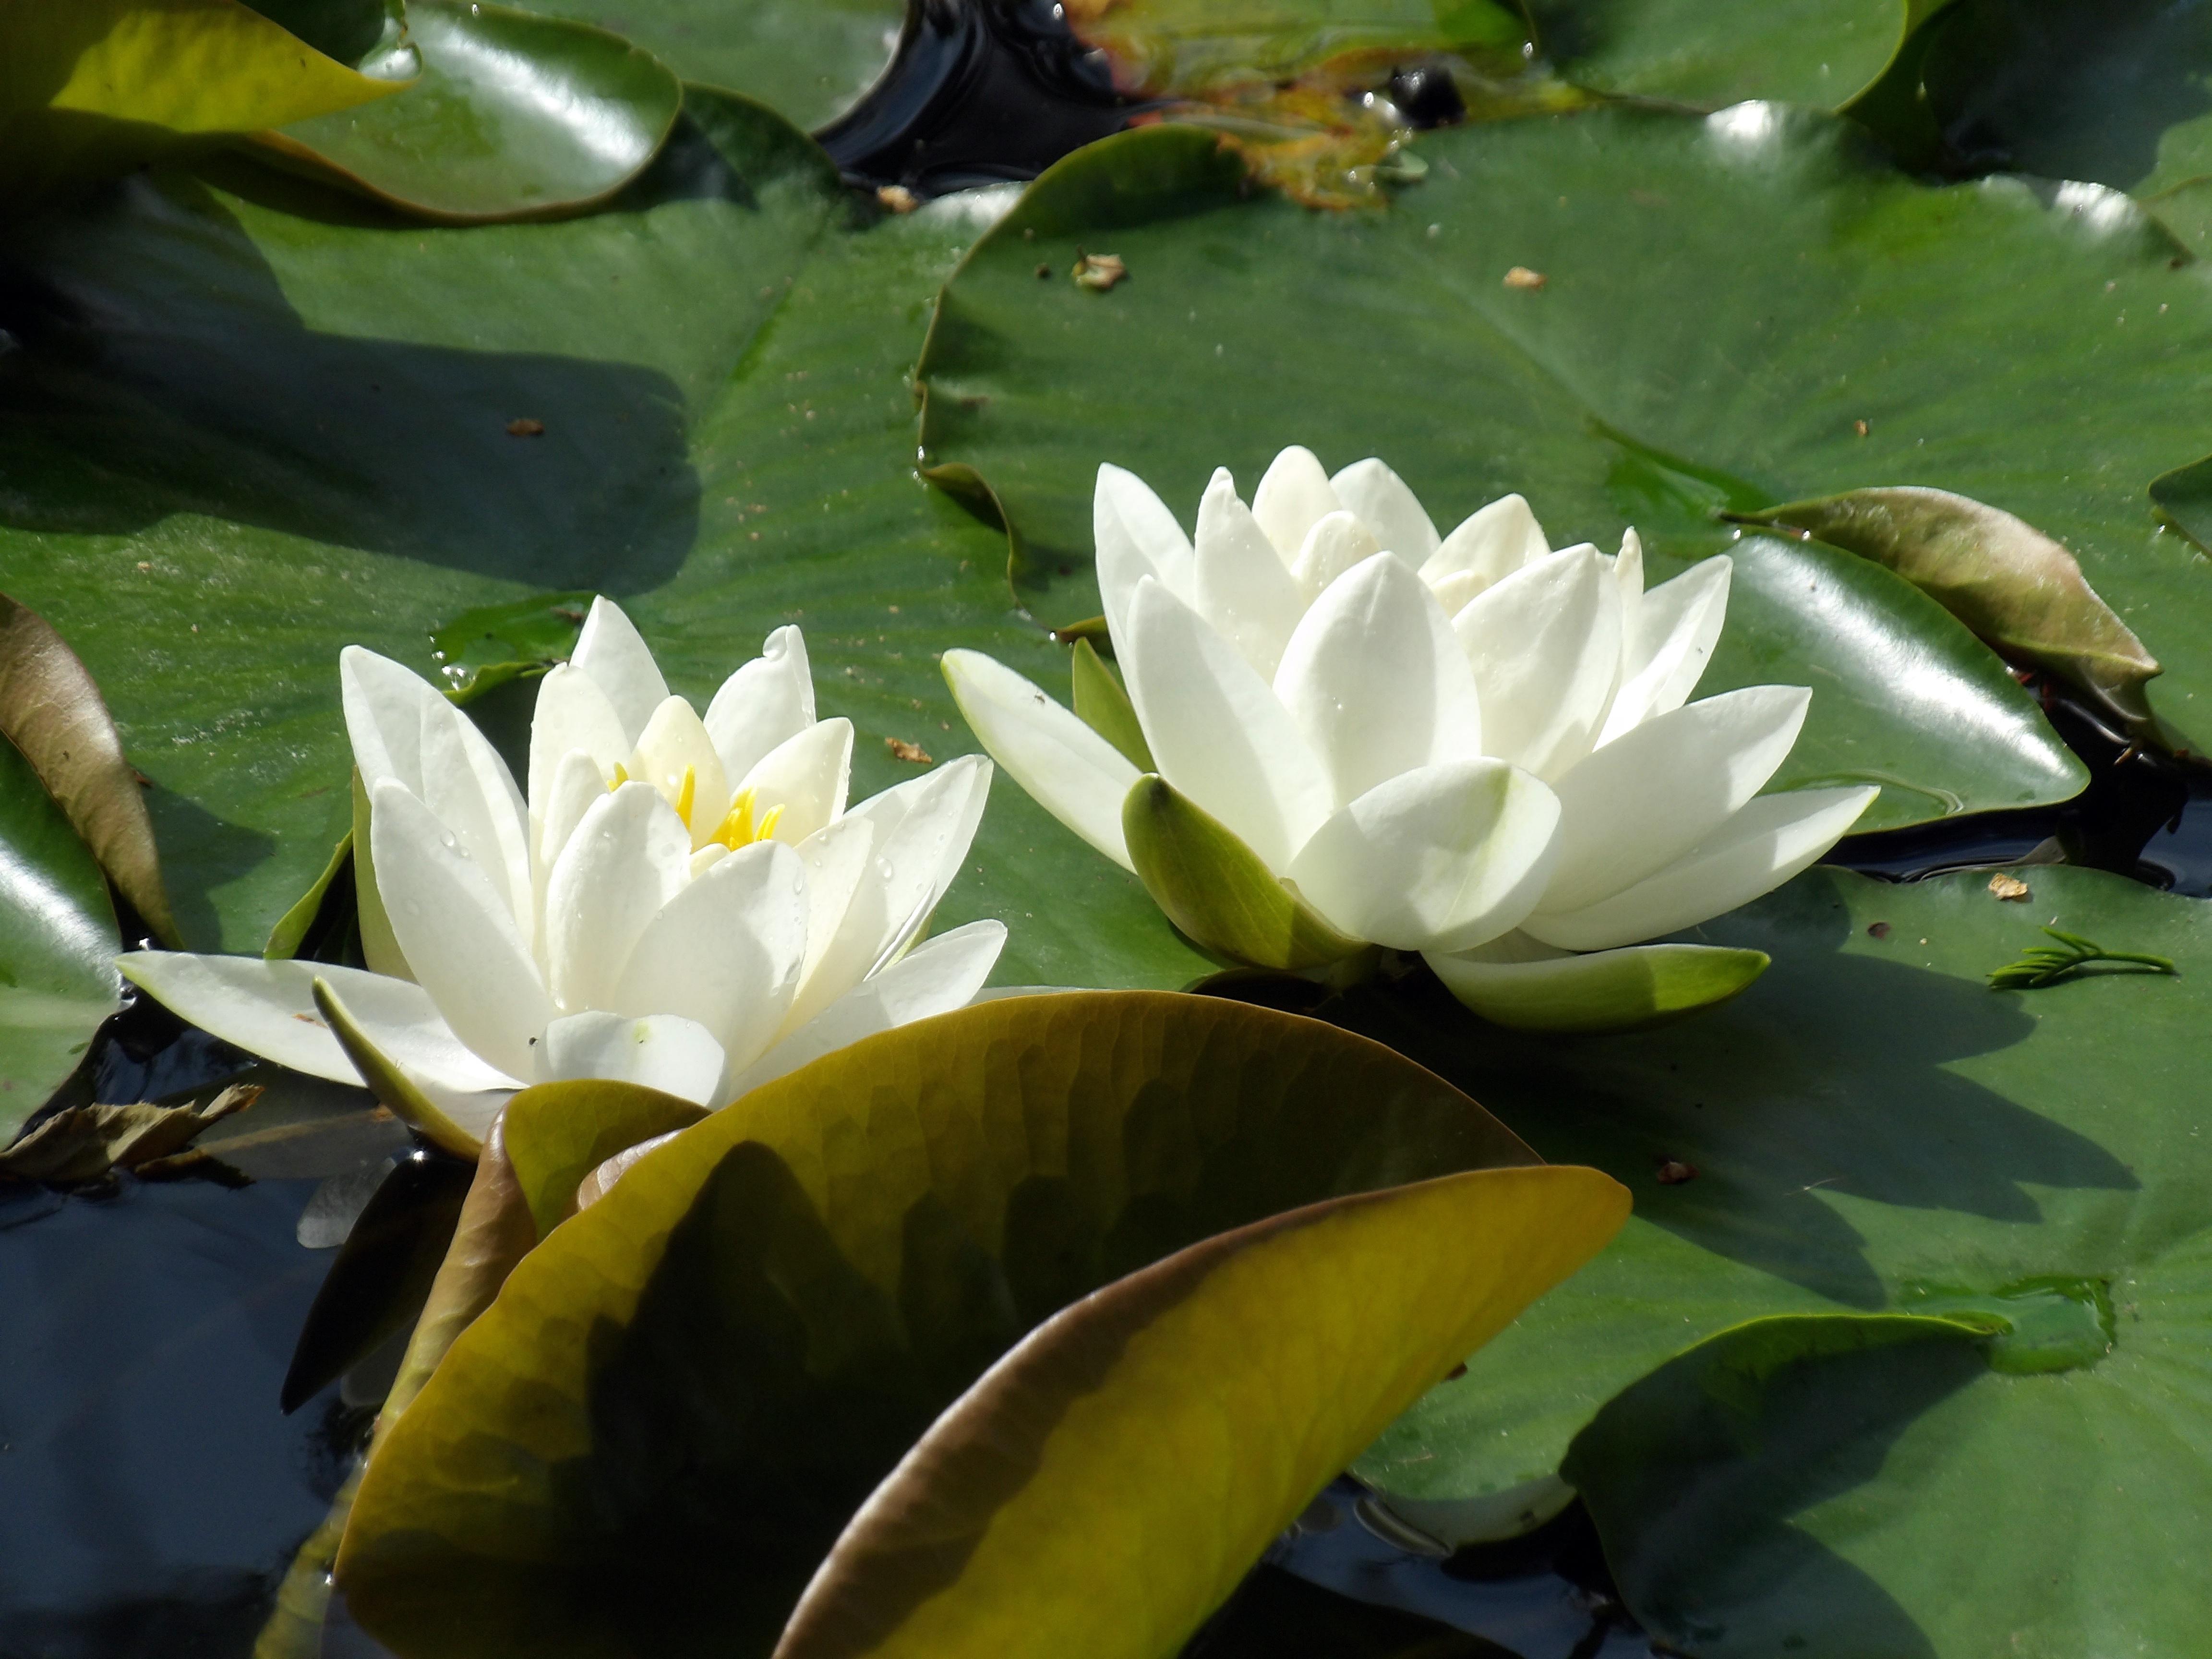 Free Images Nature Leaf Flower Petal Lake Pond Green Botany